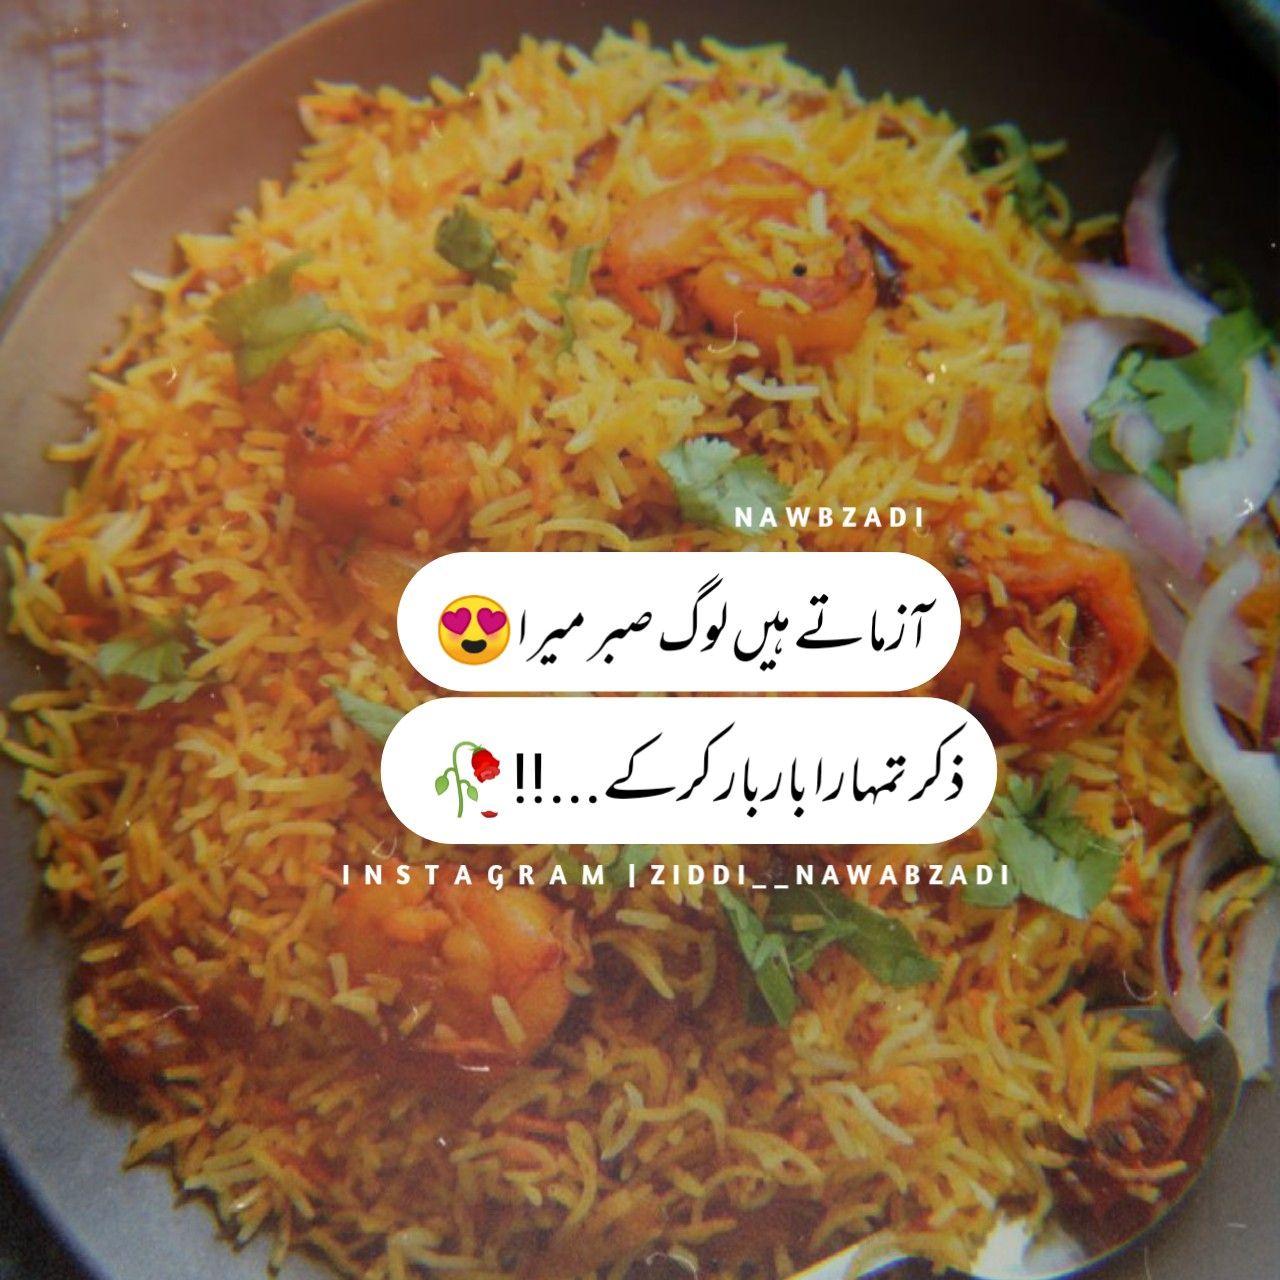 Pin By Ziddi Nawabzadi On Nawabzadi Writes Urdu Funny Poetry Poetry Feelings Urdu Love Words